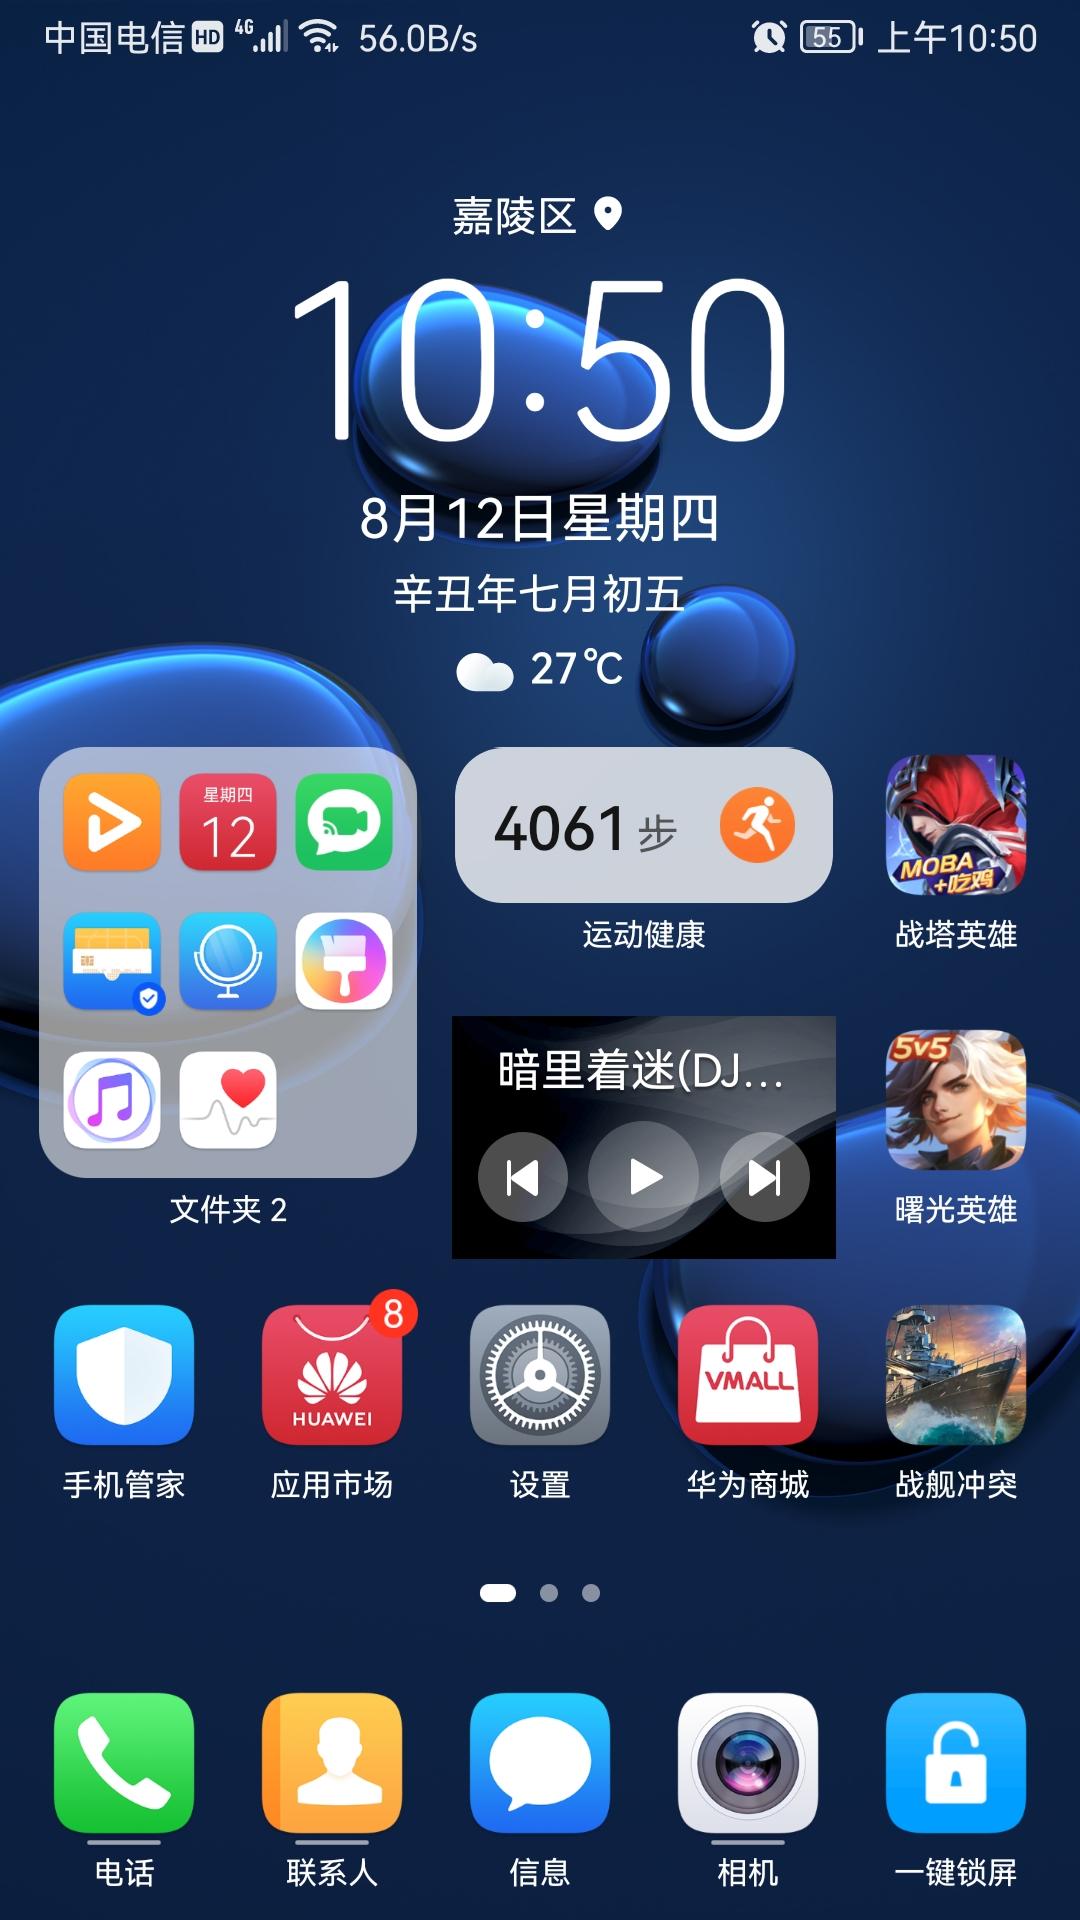 Screenshot_20210812_105048_com.huawei.android.launcher.jpg